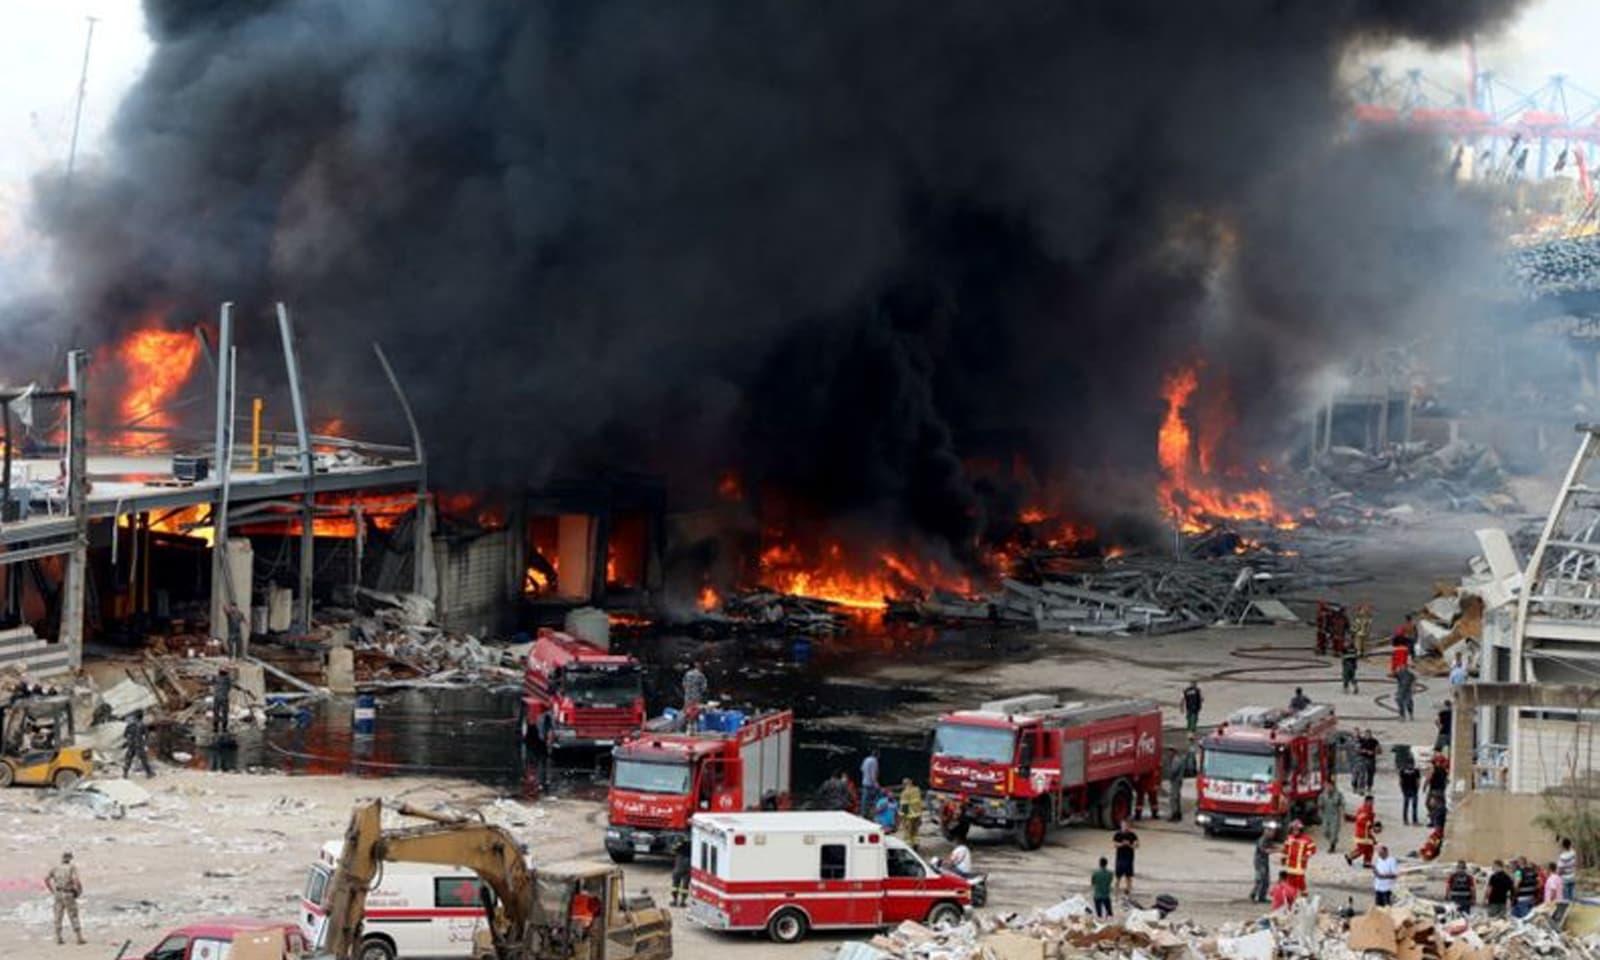 فائر فائٹرز کی بڑی تعداد کو آگ بجھاتے ہوئے دیکھا گیا —فوٹو: رائٹرز